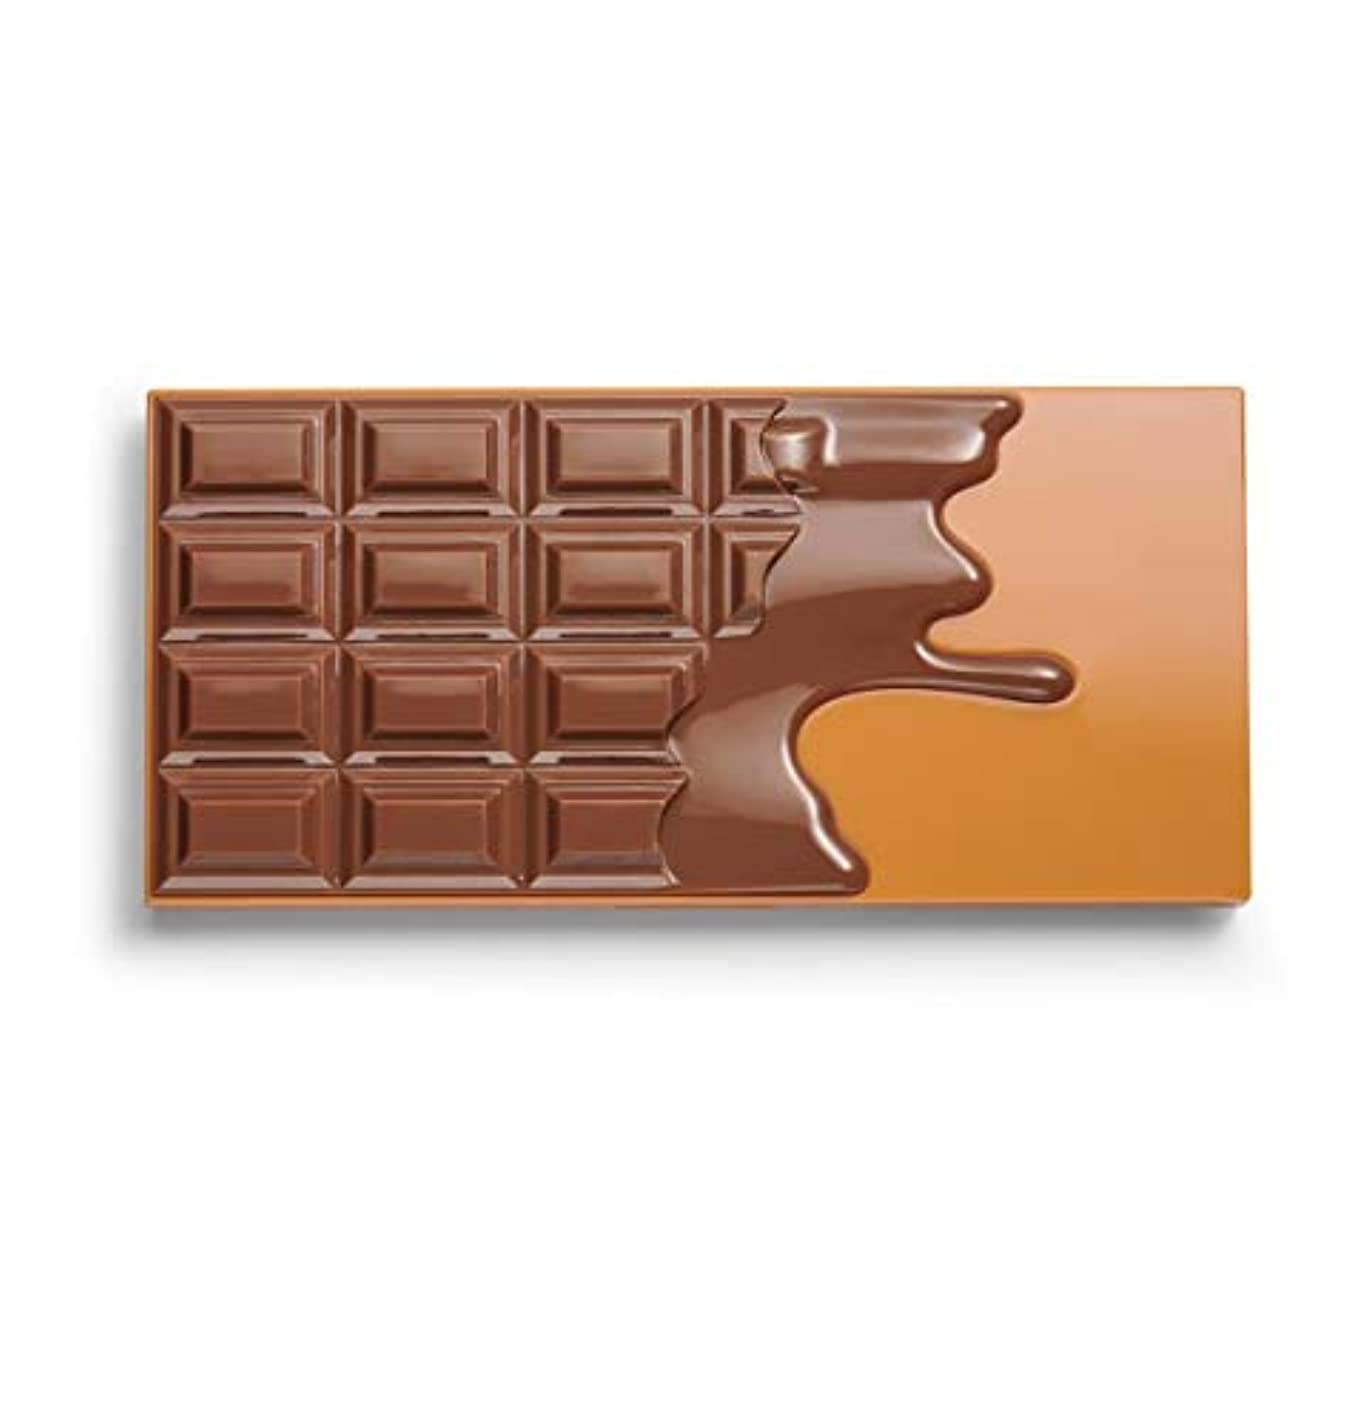 賞賛定期的ゆりかごメイクアップレボリューション アイラブメイクアップ チョコレート型18色アイシャドウパレット #Peanut Butter Cup